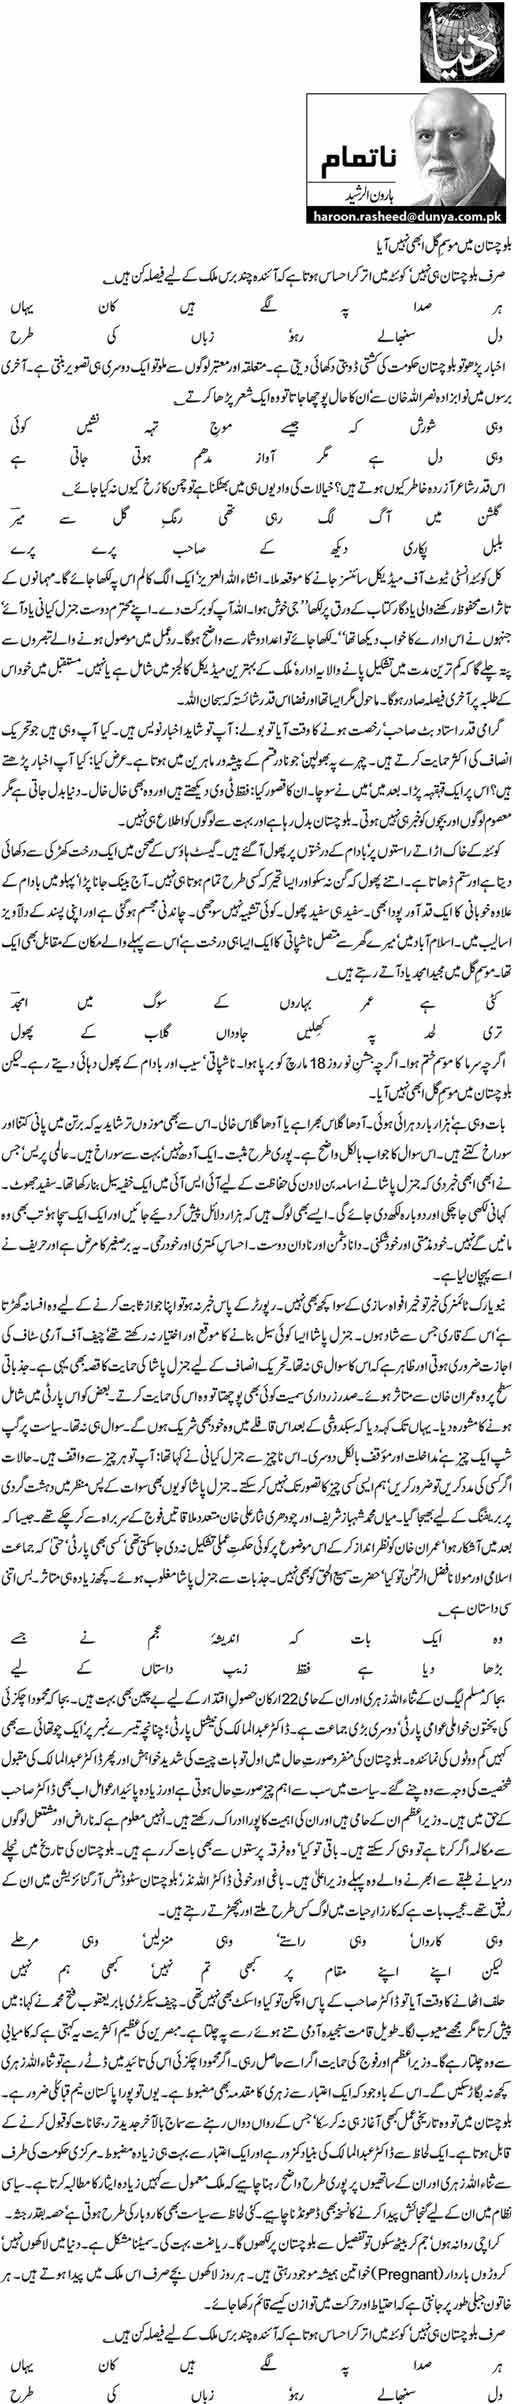 Balochistan Main Mosam e Gul Abhi Nahi Aya - Harron-ur-Rasheed